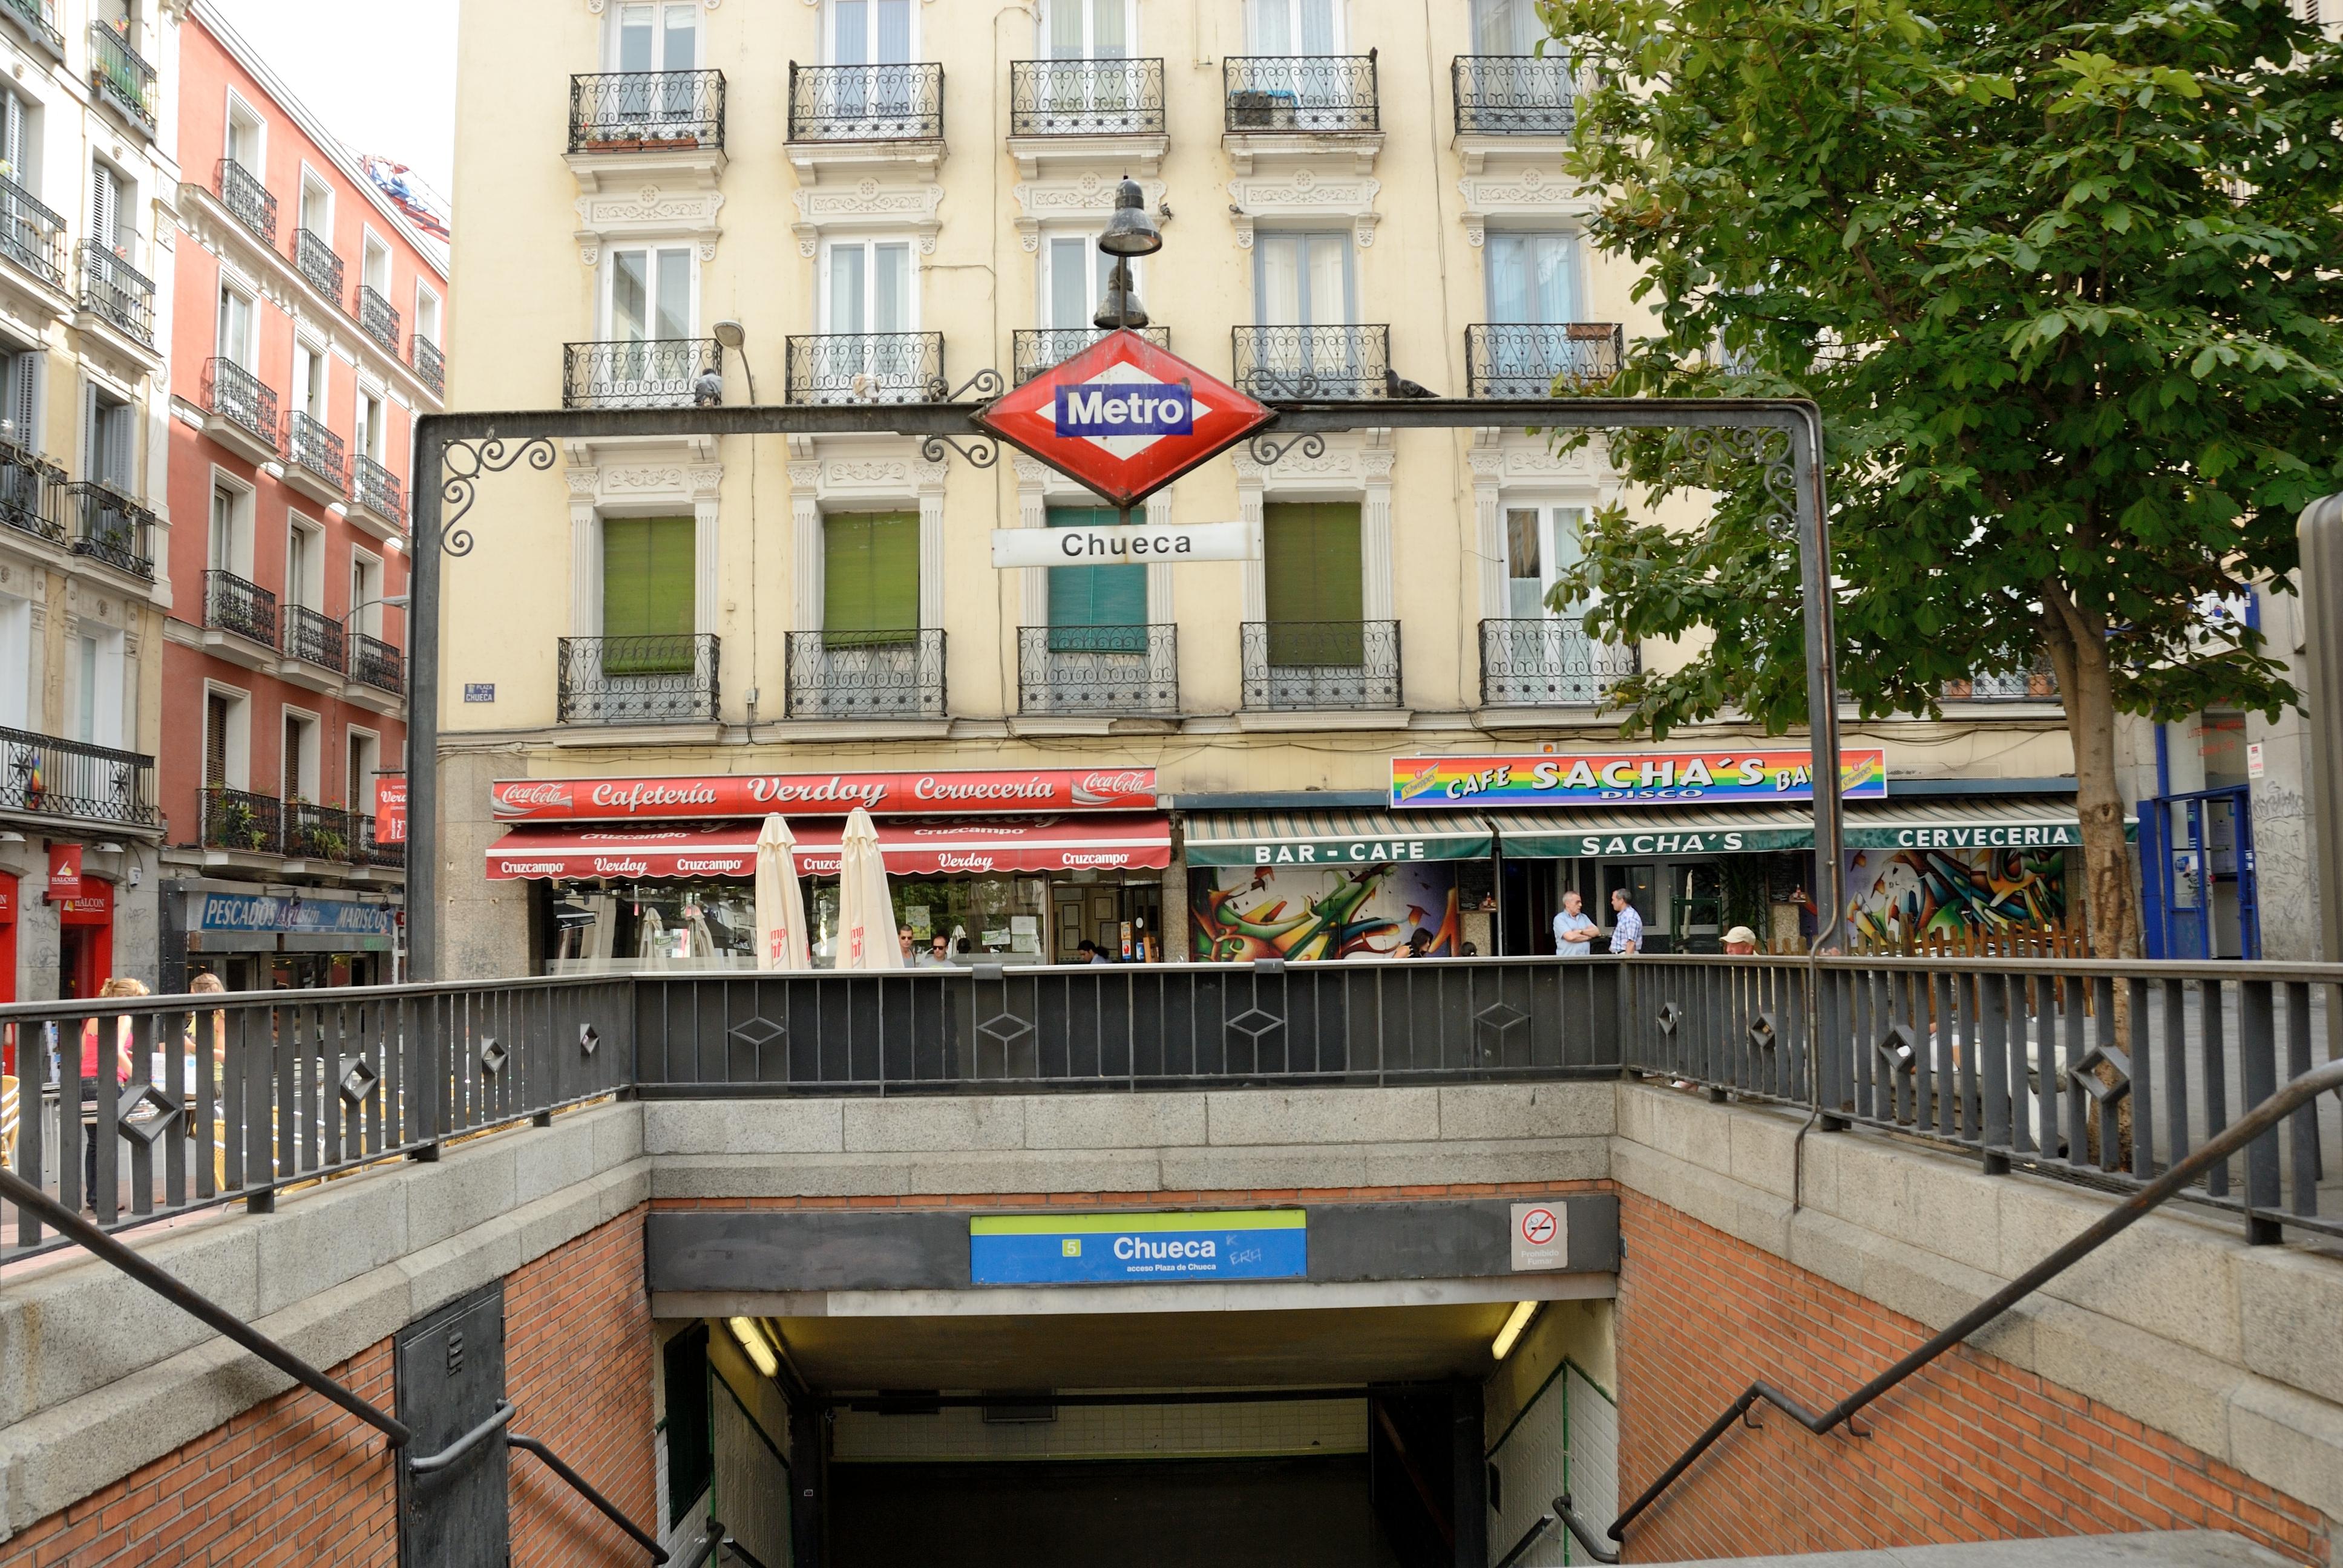 El Barrio de Chueca - todosobremadrid.com